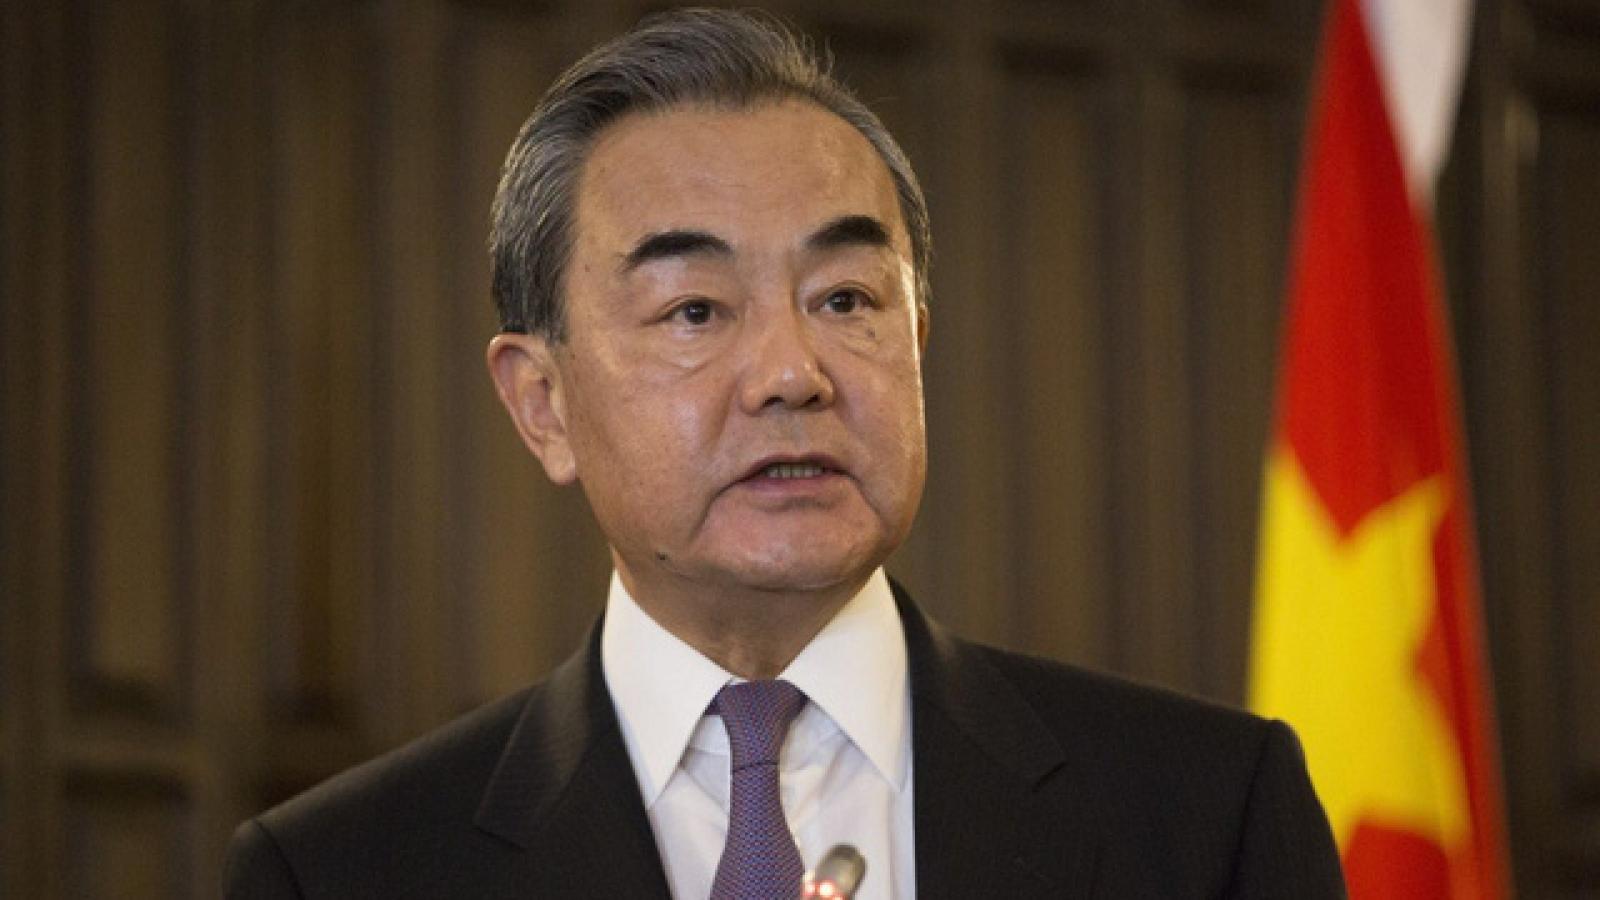 Ông Vương Nghị gặp Đặc phái viên Tổng thống Indonesia trước khi thăm 5 nước Đông Nam Á